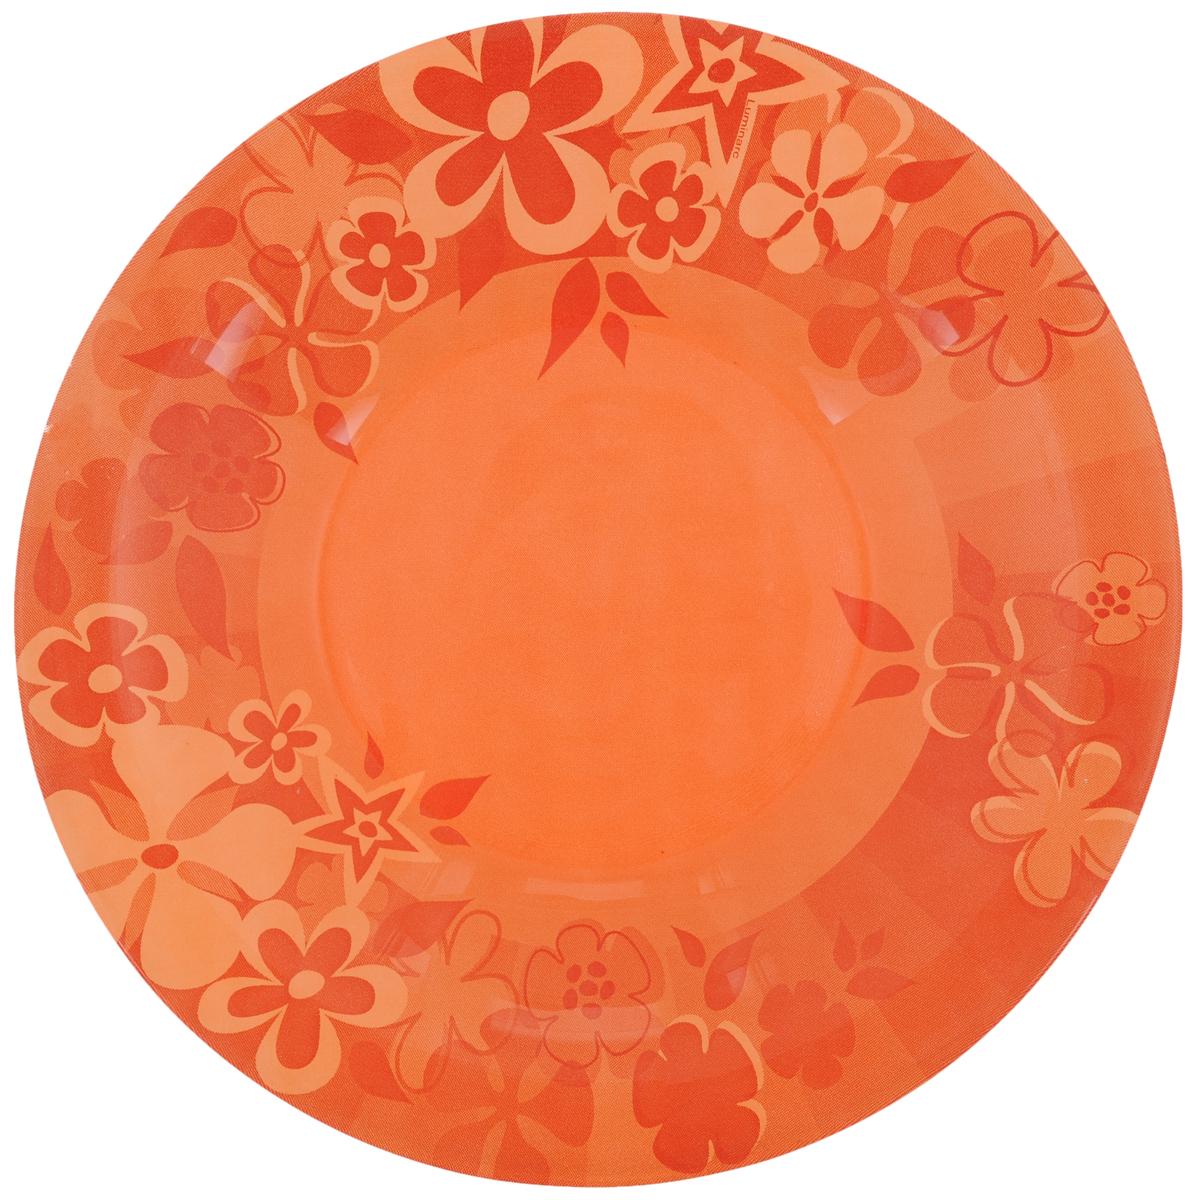 Тарелка глубокая Luminarc Little Flowers, диаметр 21,5 см54 009312Глубокая тарелка Luminarc Little Flowers выполнена из ударопрочного стекла и украшена изображением цветов. Она прекрасно впишется в интерьер вашей кухни и станет достойным дополнением к кухонному инвентарю. Тарелка Luminarc Little Flowers подчеркнет прекрасный вкус хозяйки и станет отличным подарком. Можно мыть в посудомоечной машине и использовать в микроволновой печи.Диаметр тарелки по верхнему краю: 21,5 см.Высота стенки: 3,2 см.